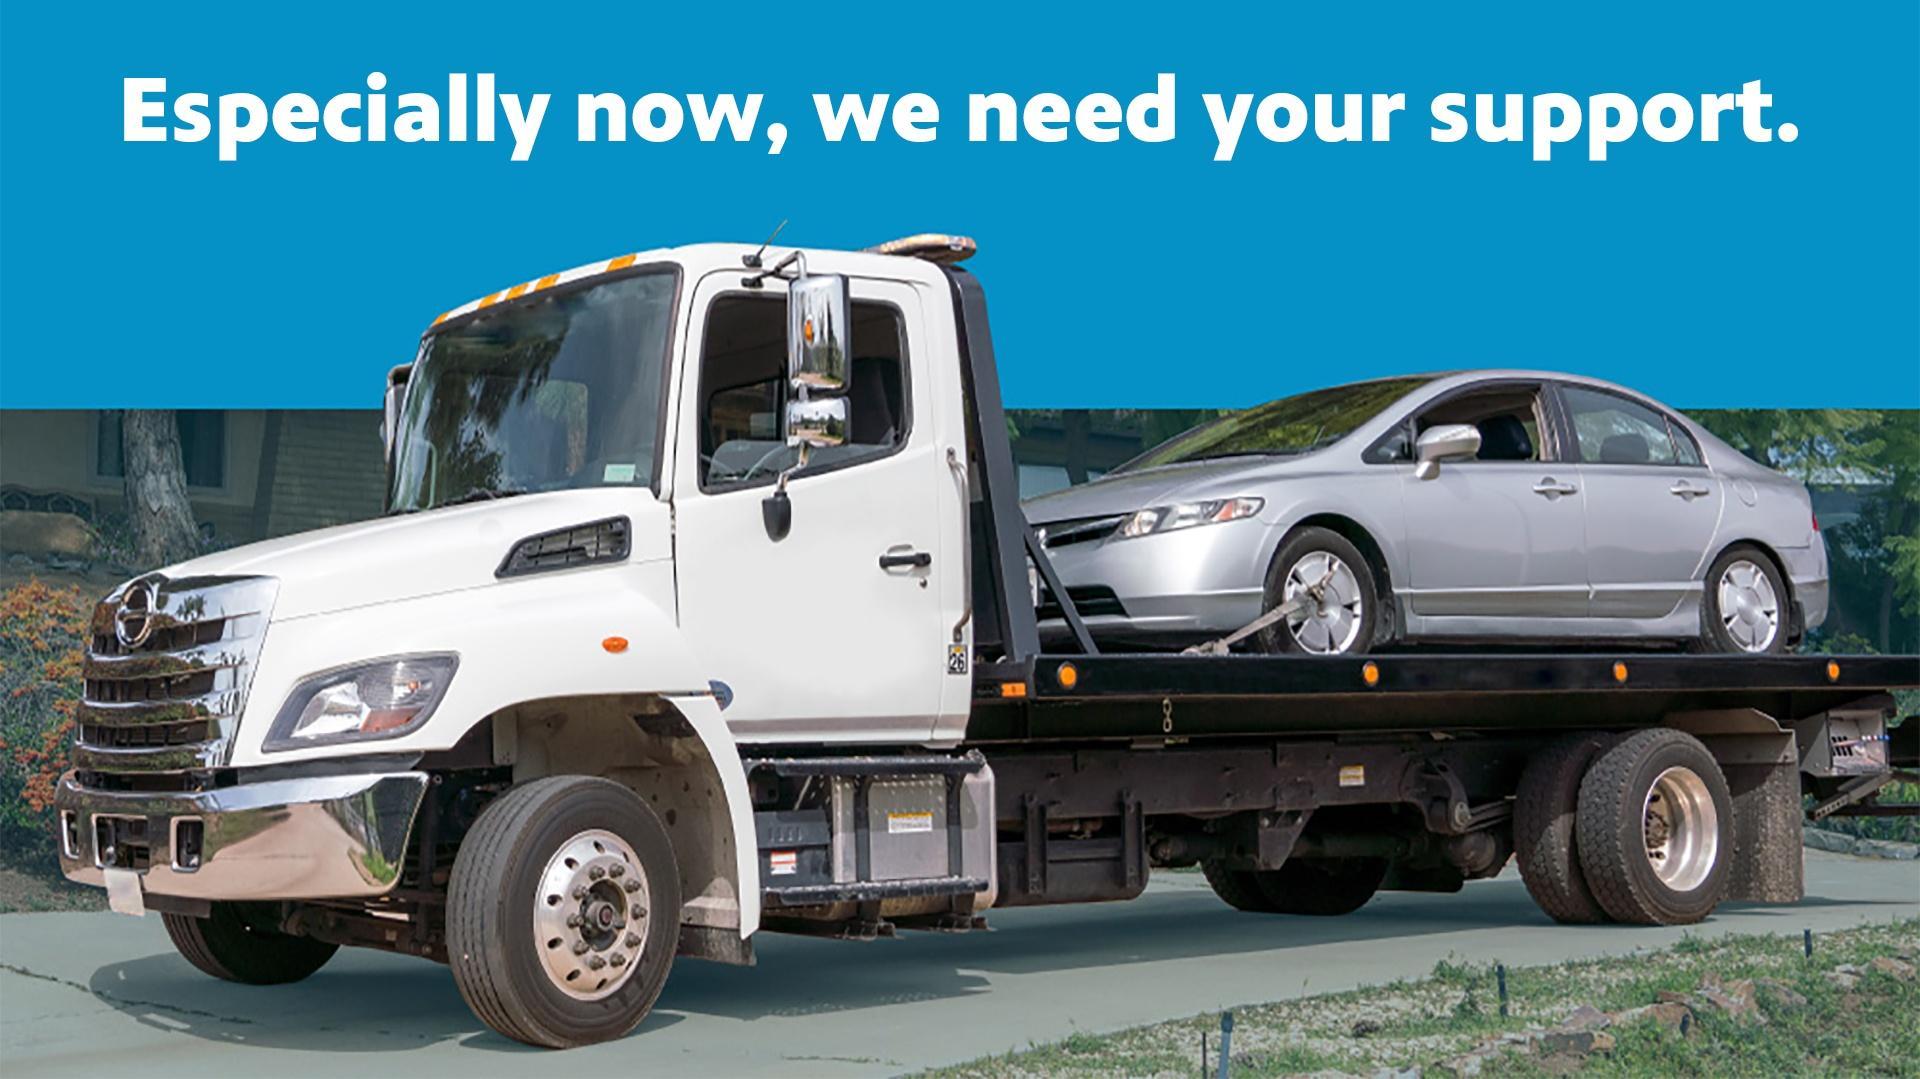 Vehicle Donation Program